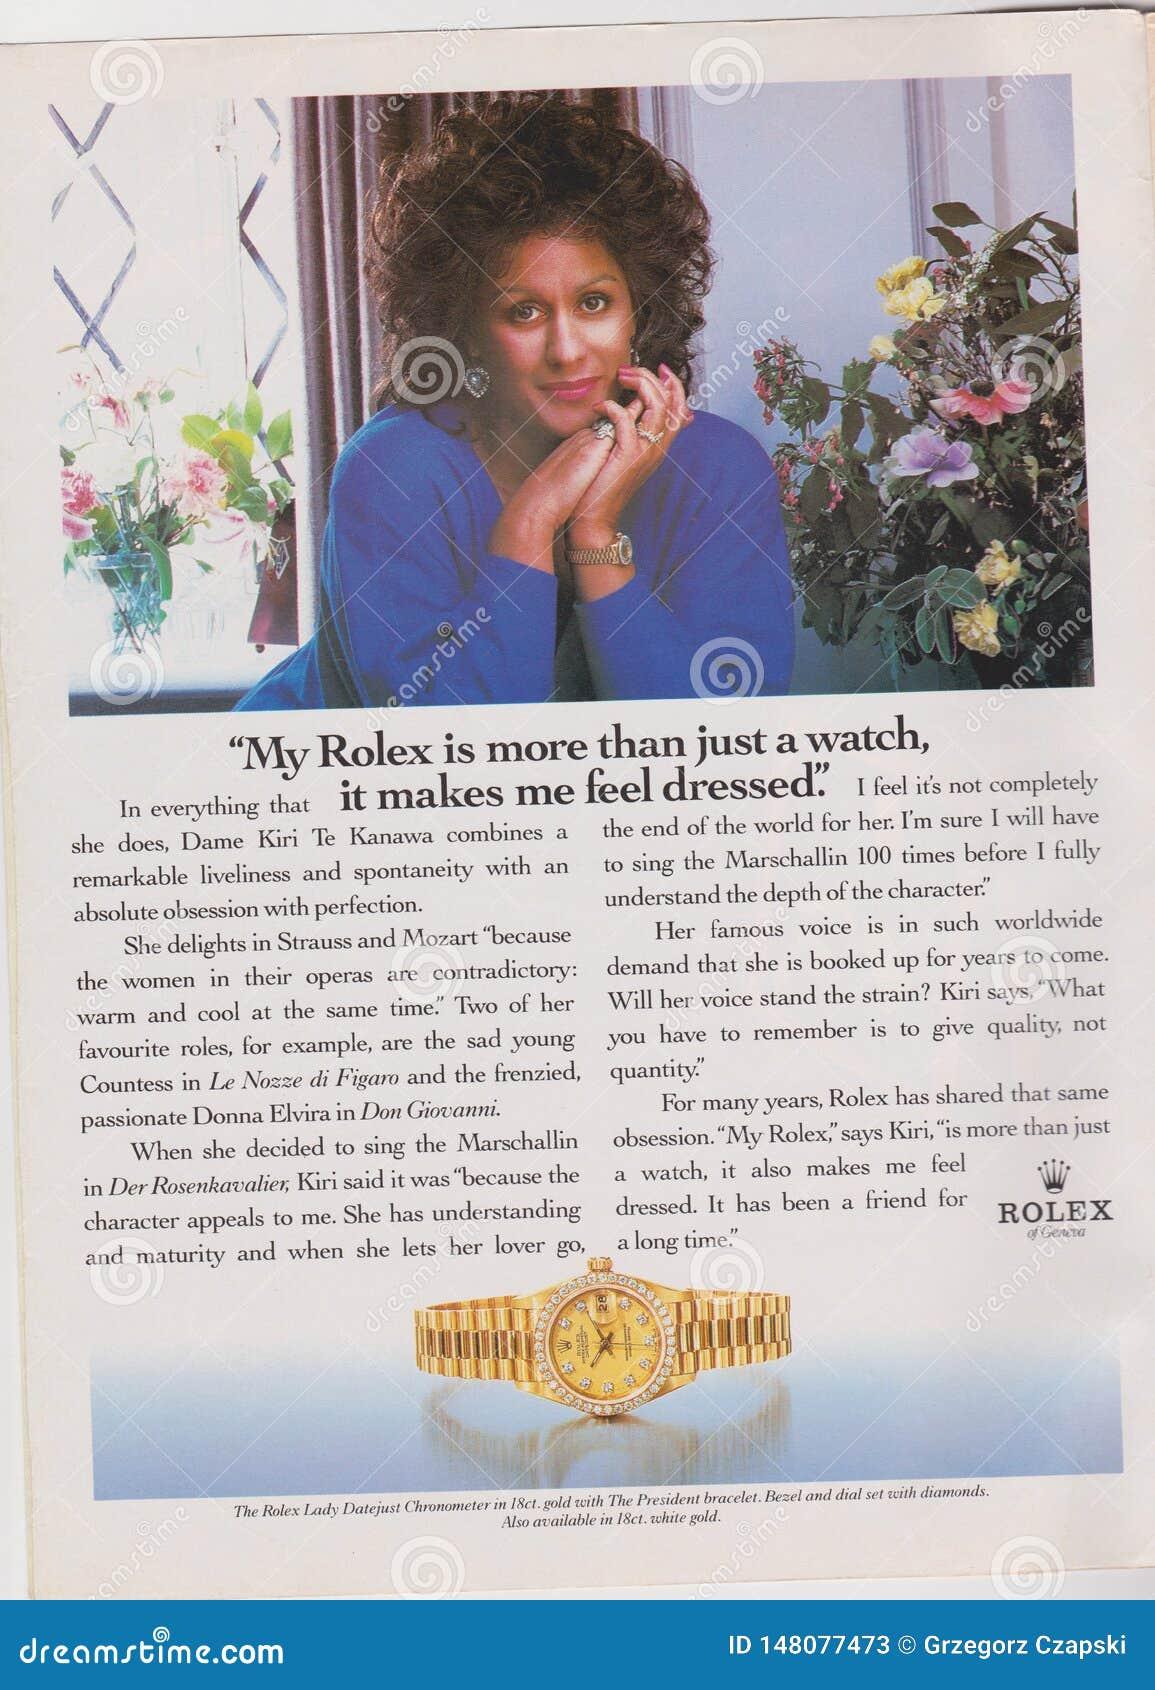 O relógio de Rolex da propaganda de cartaz no compartimento desde 1992, meu Rolex é mais do que apenas um relógio, ele me faz sen